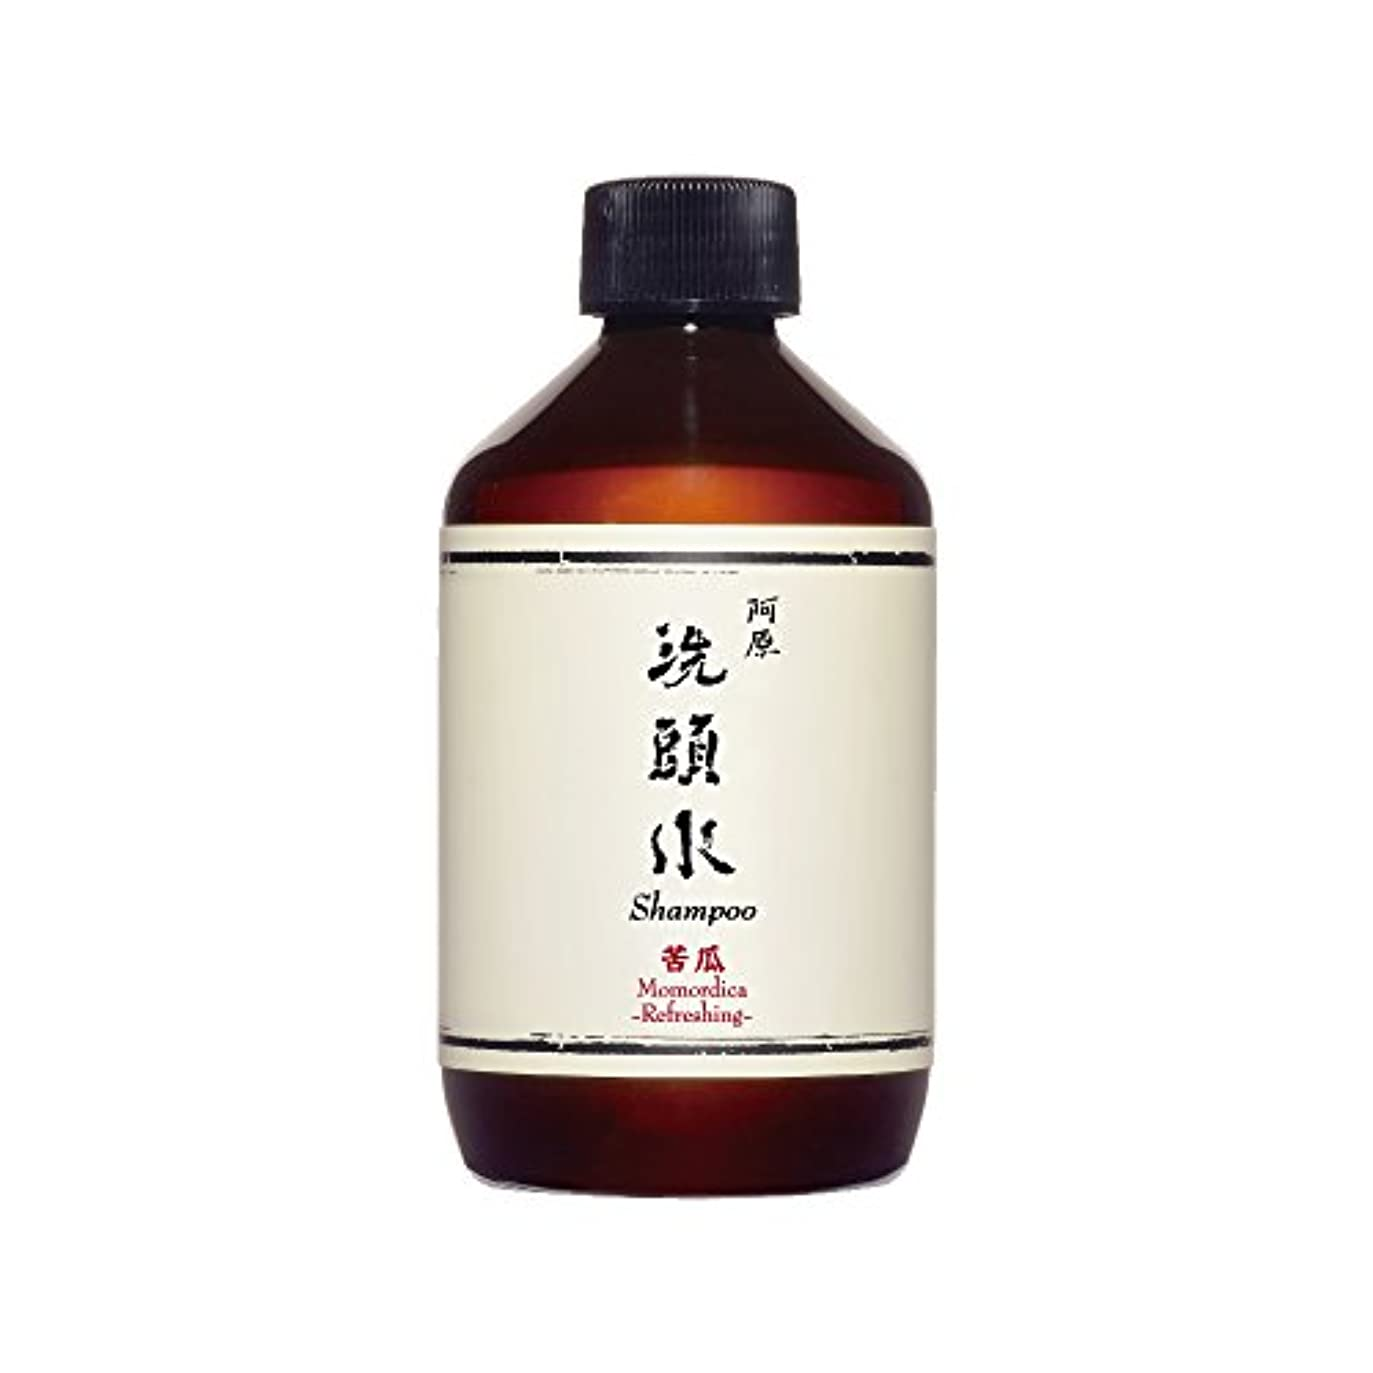 YUAN(ユアン) 苦瓜(ニガウリ)スカルプシャンプー 50ml